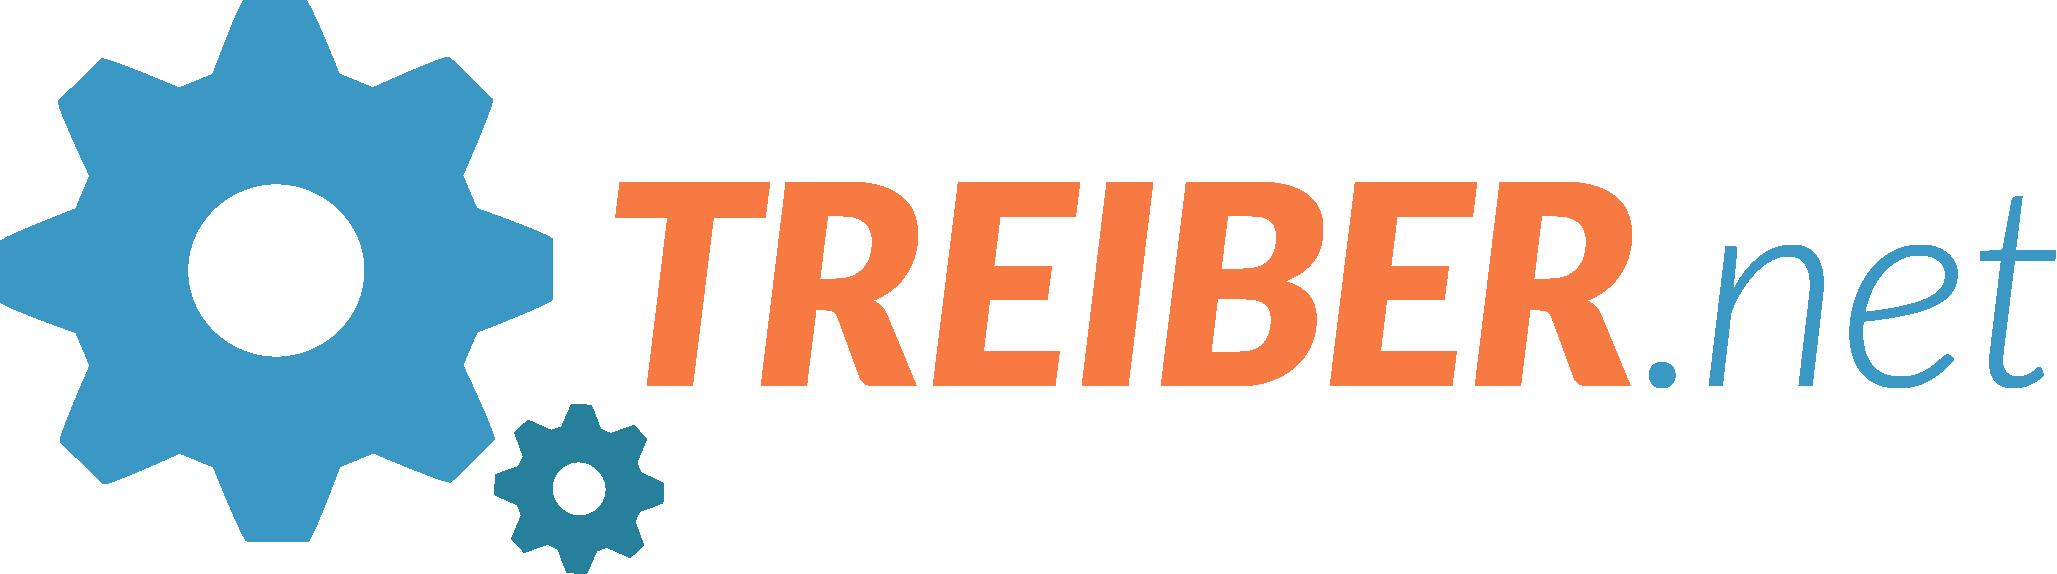 Treiber.net